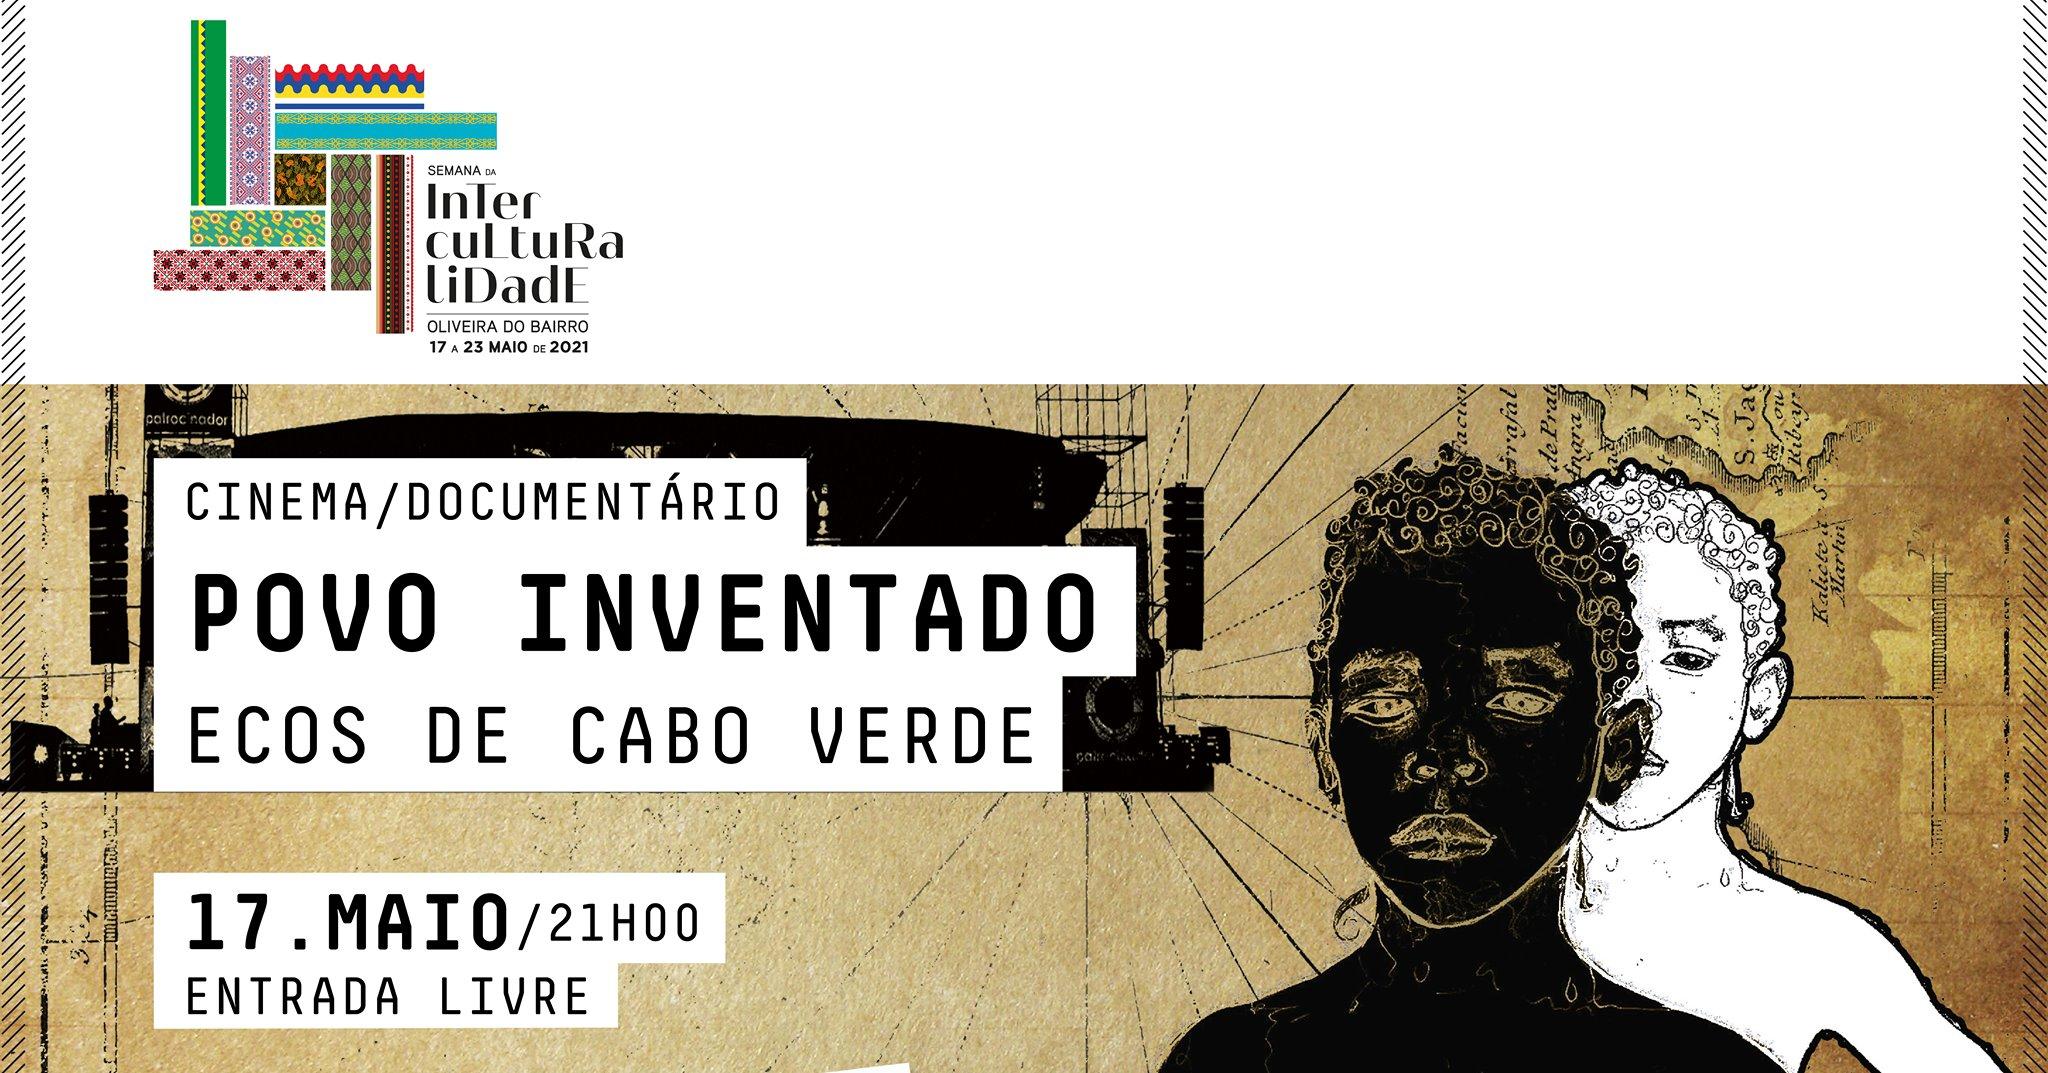 Povo inventado: ecos de Cabo Verde